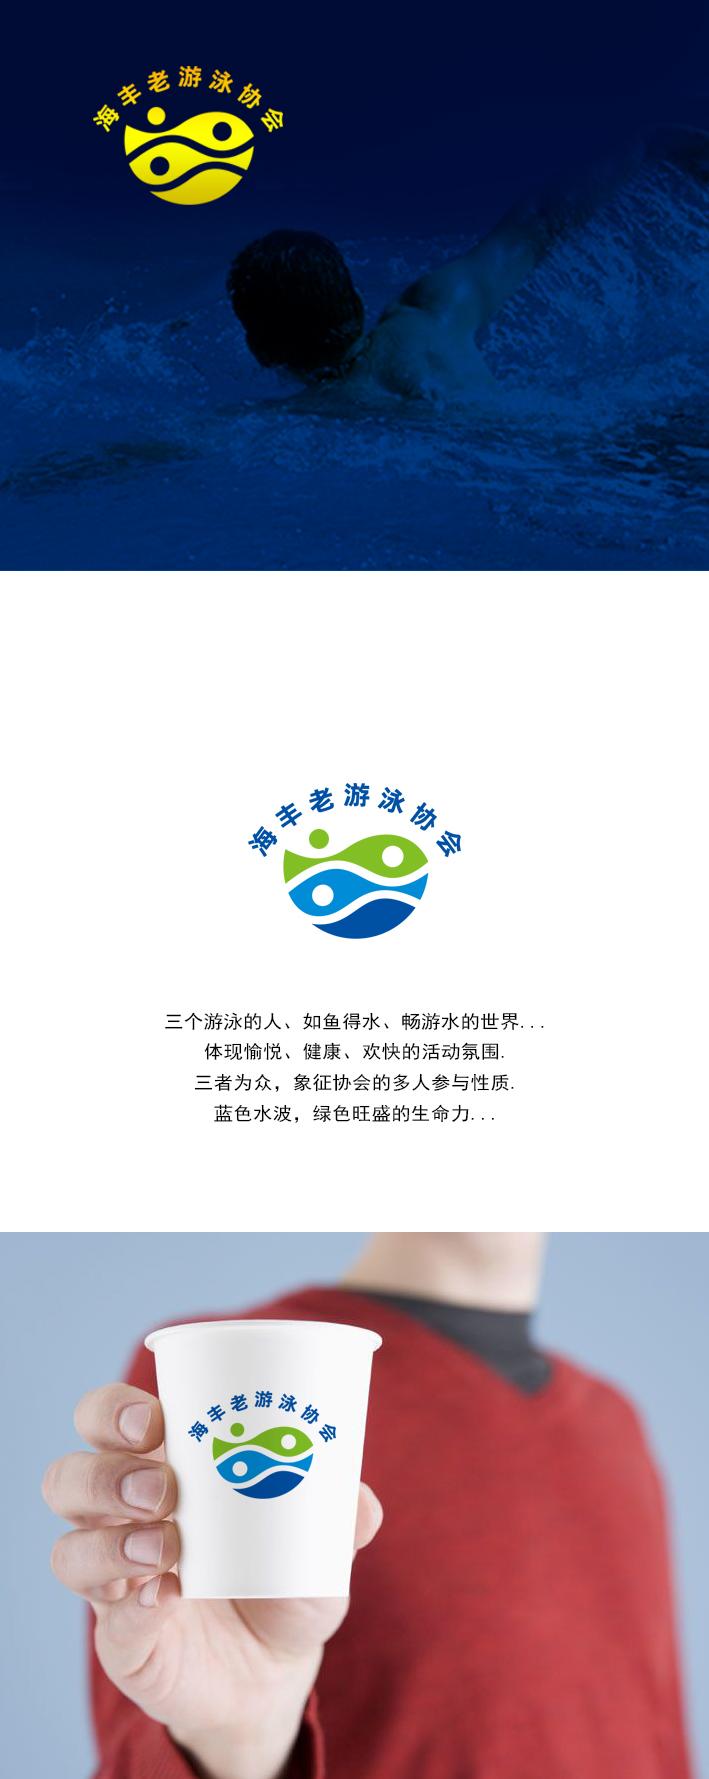 海丰老游泳协会logo设计_3025968_k68威客网